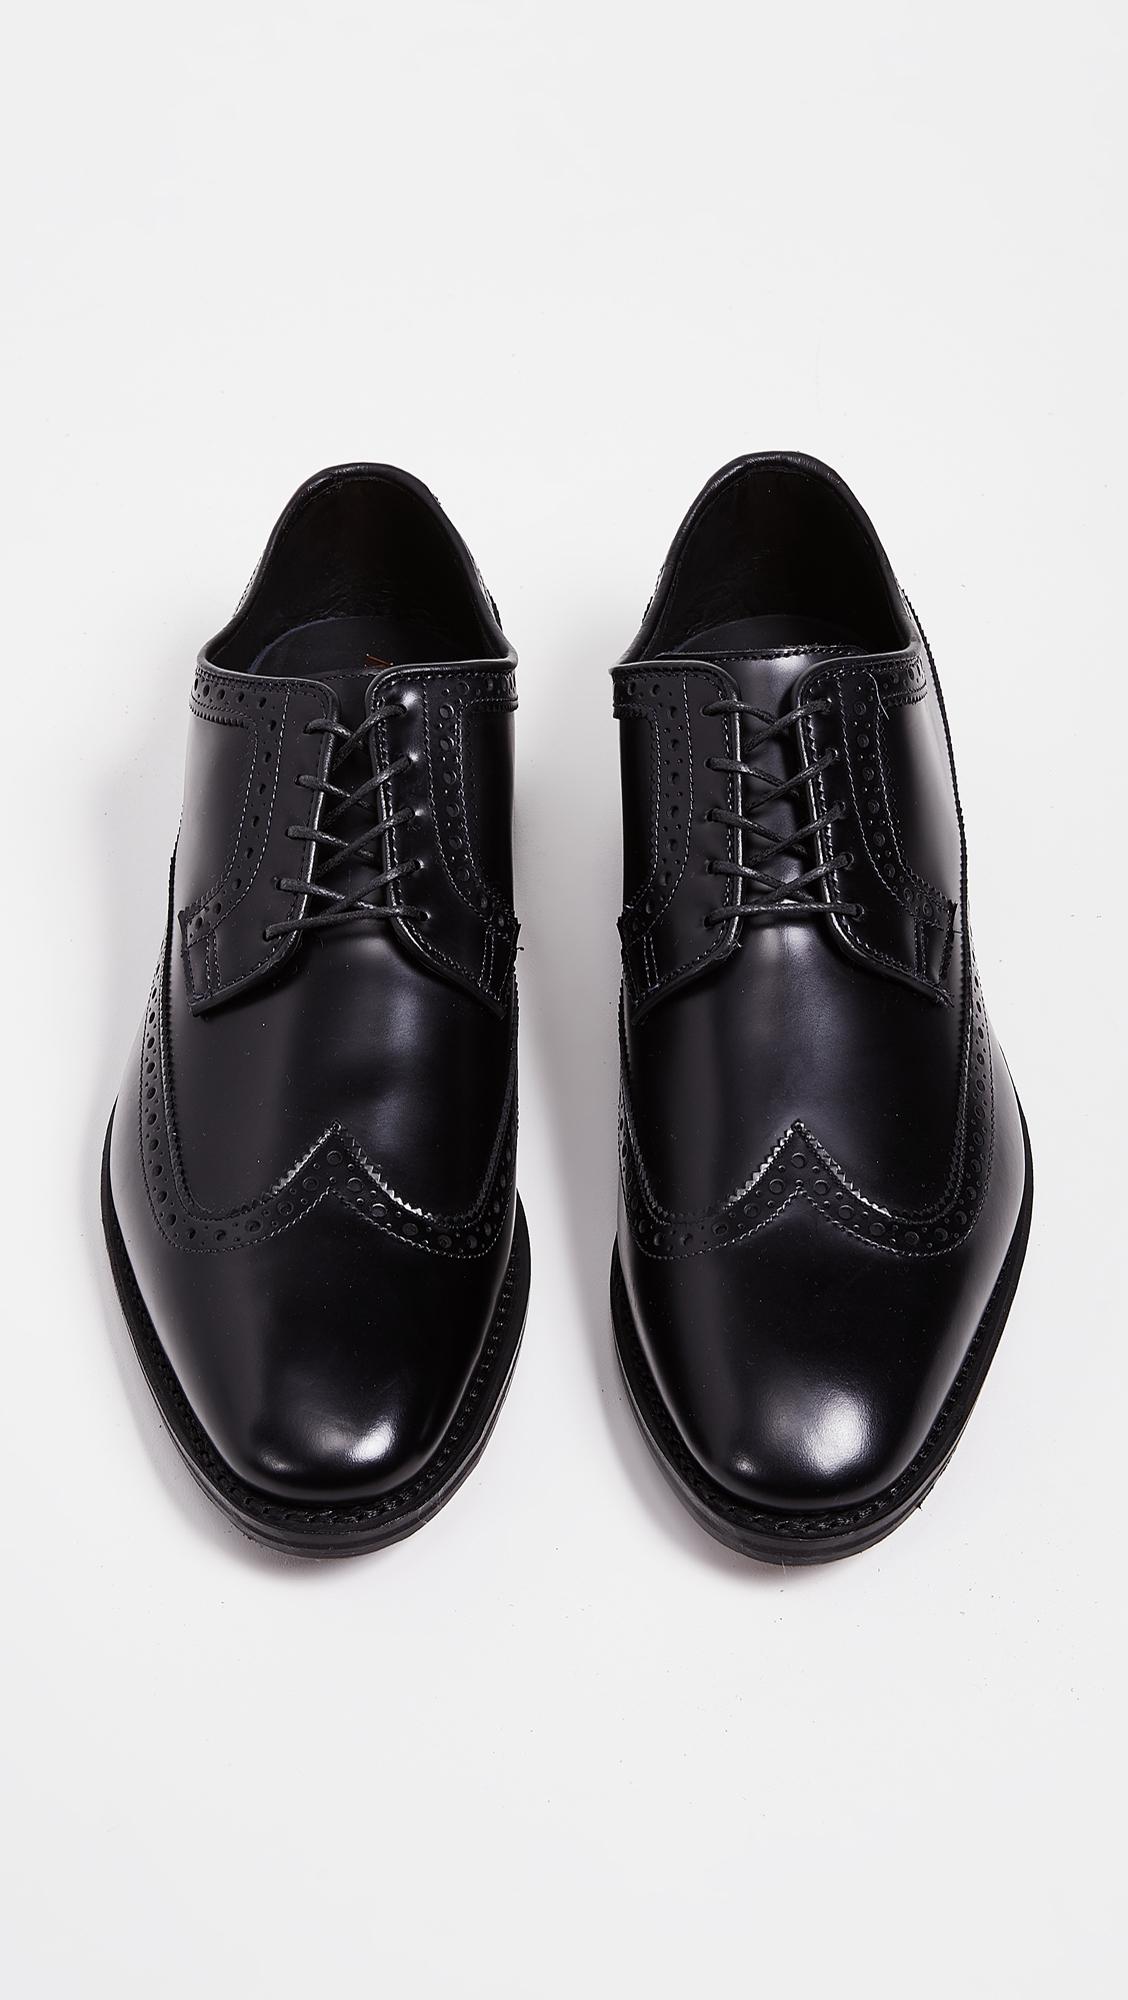 49a054e8a87 Allen Edmonds Greene Street Brogue Shoes